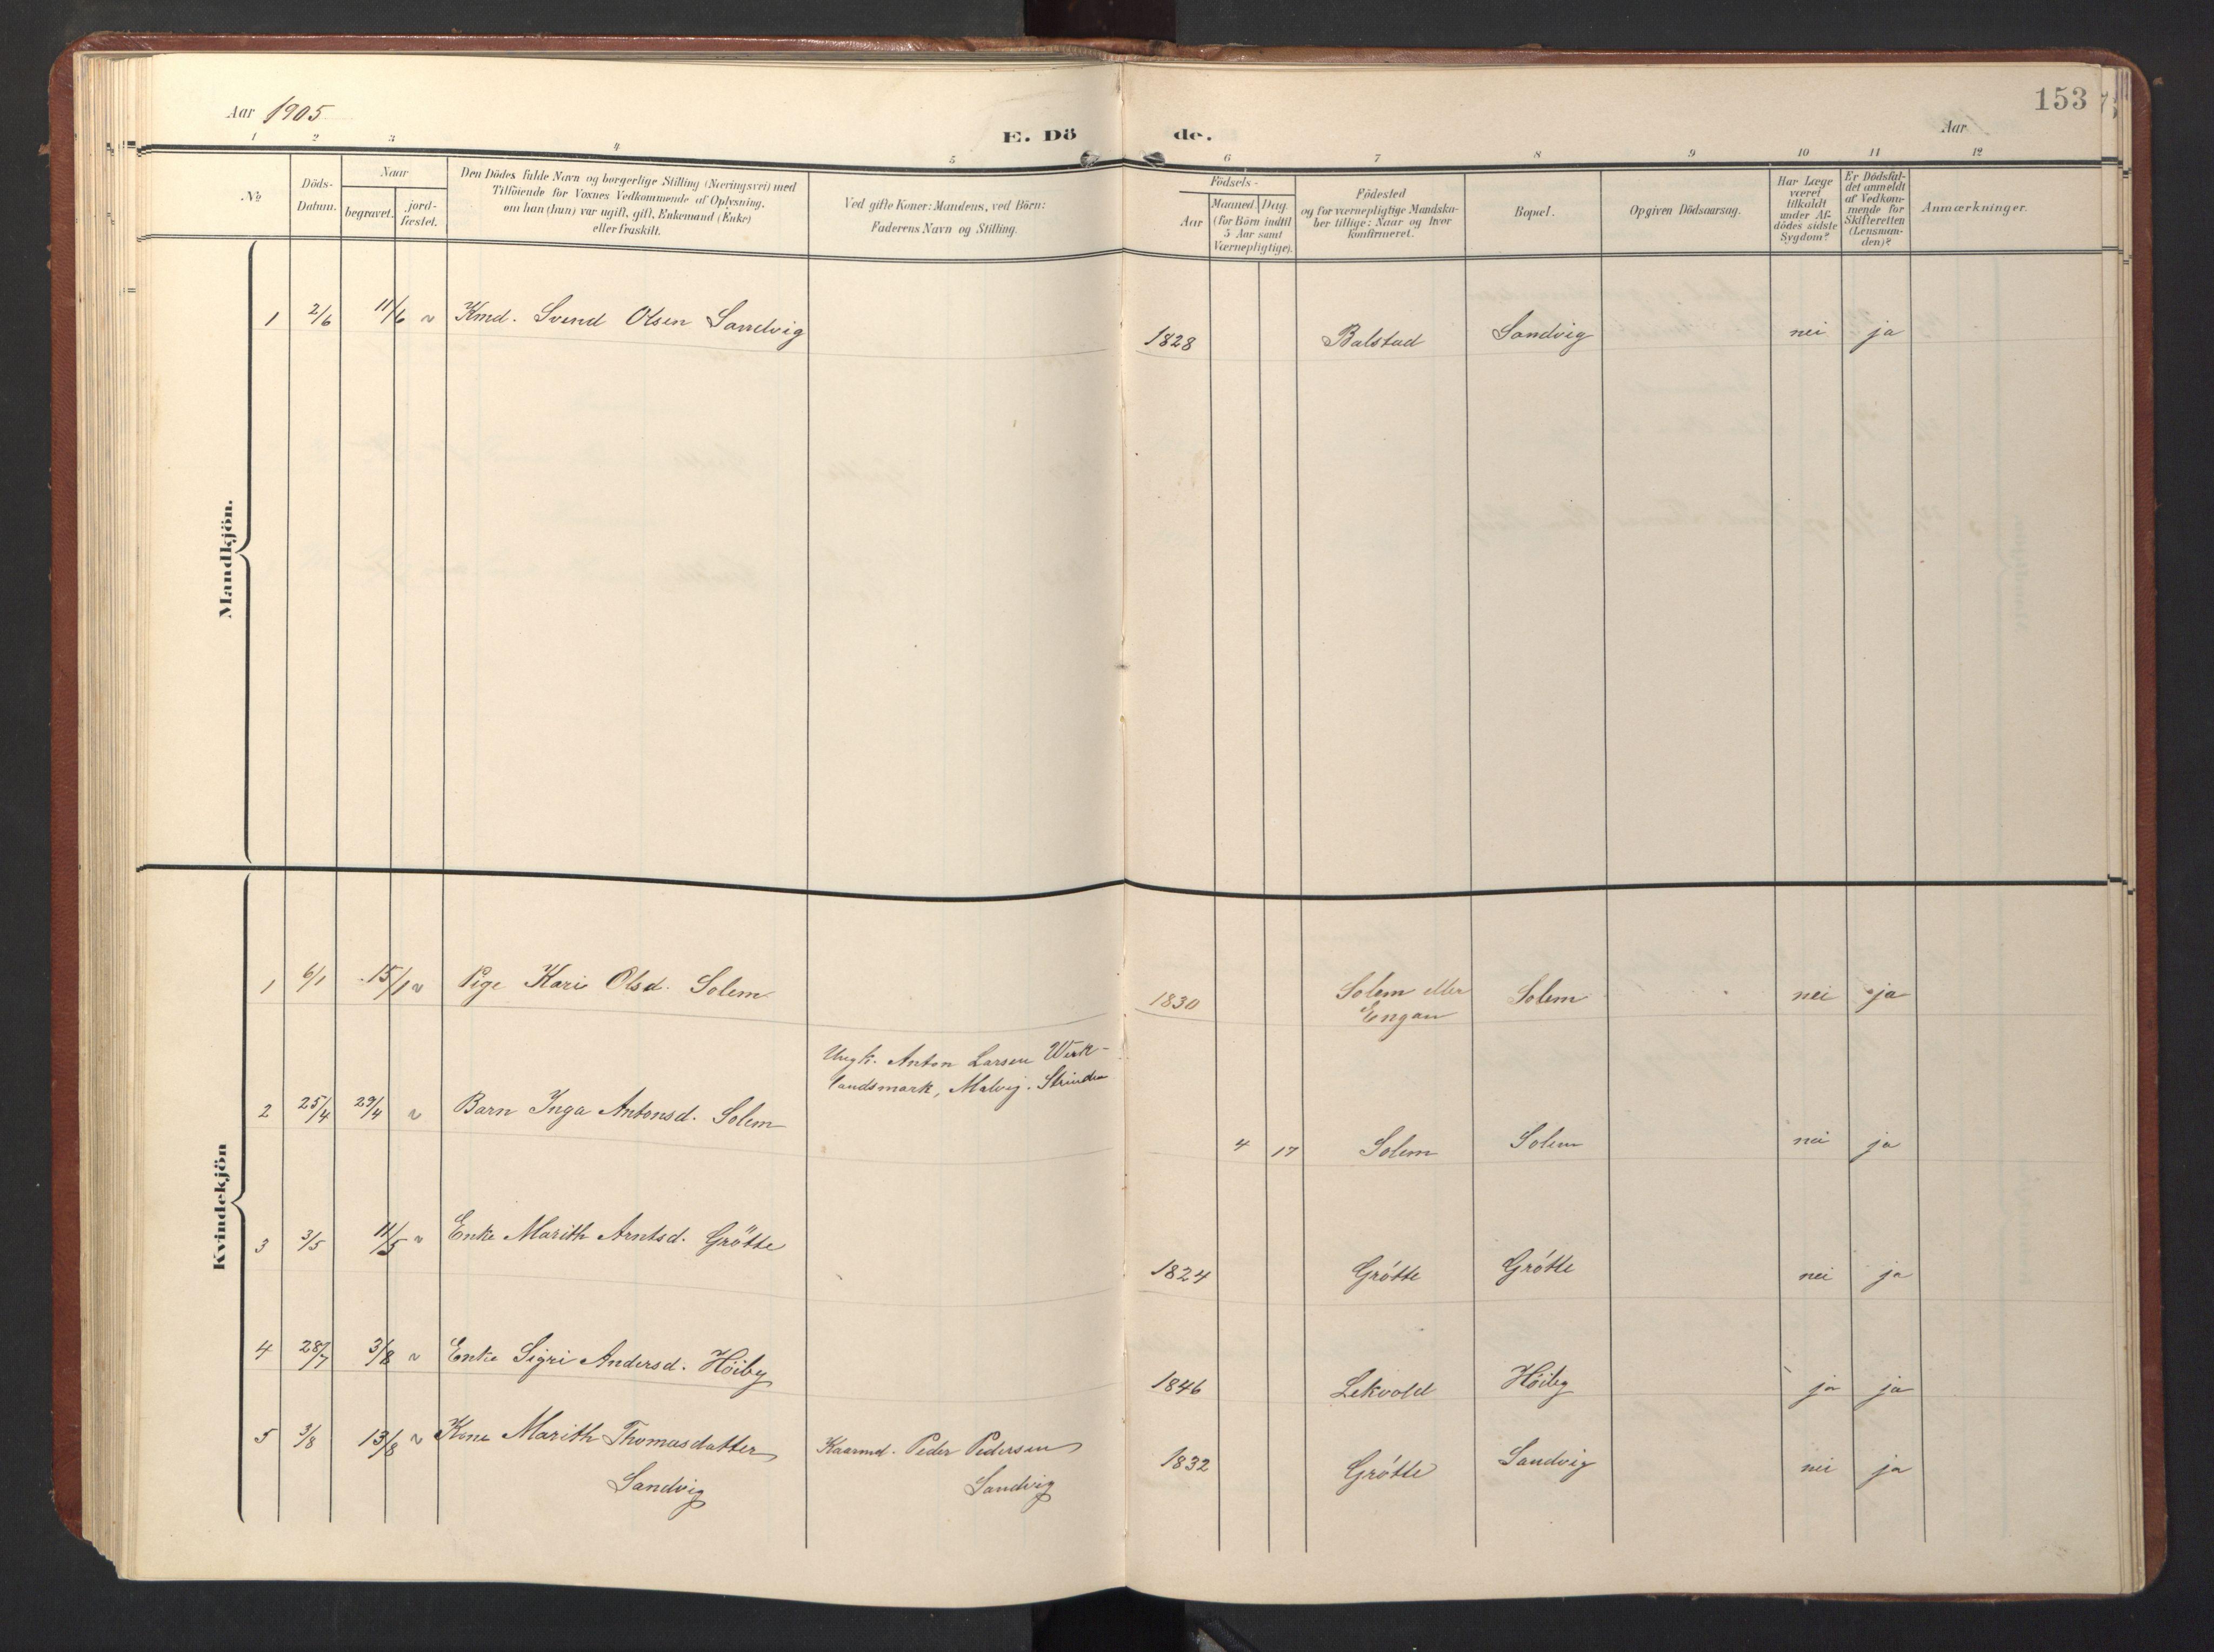 SAT, Ministerialprotokoller, klokkerbøker og fødselsregistre - Sør-Trøndelag, 696/L1161: Klokkerbok nr. 696C01, 1902-1950, s. 153